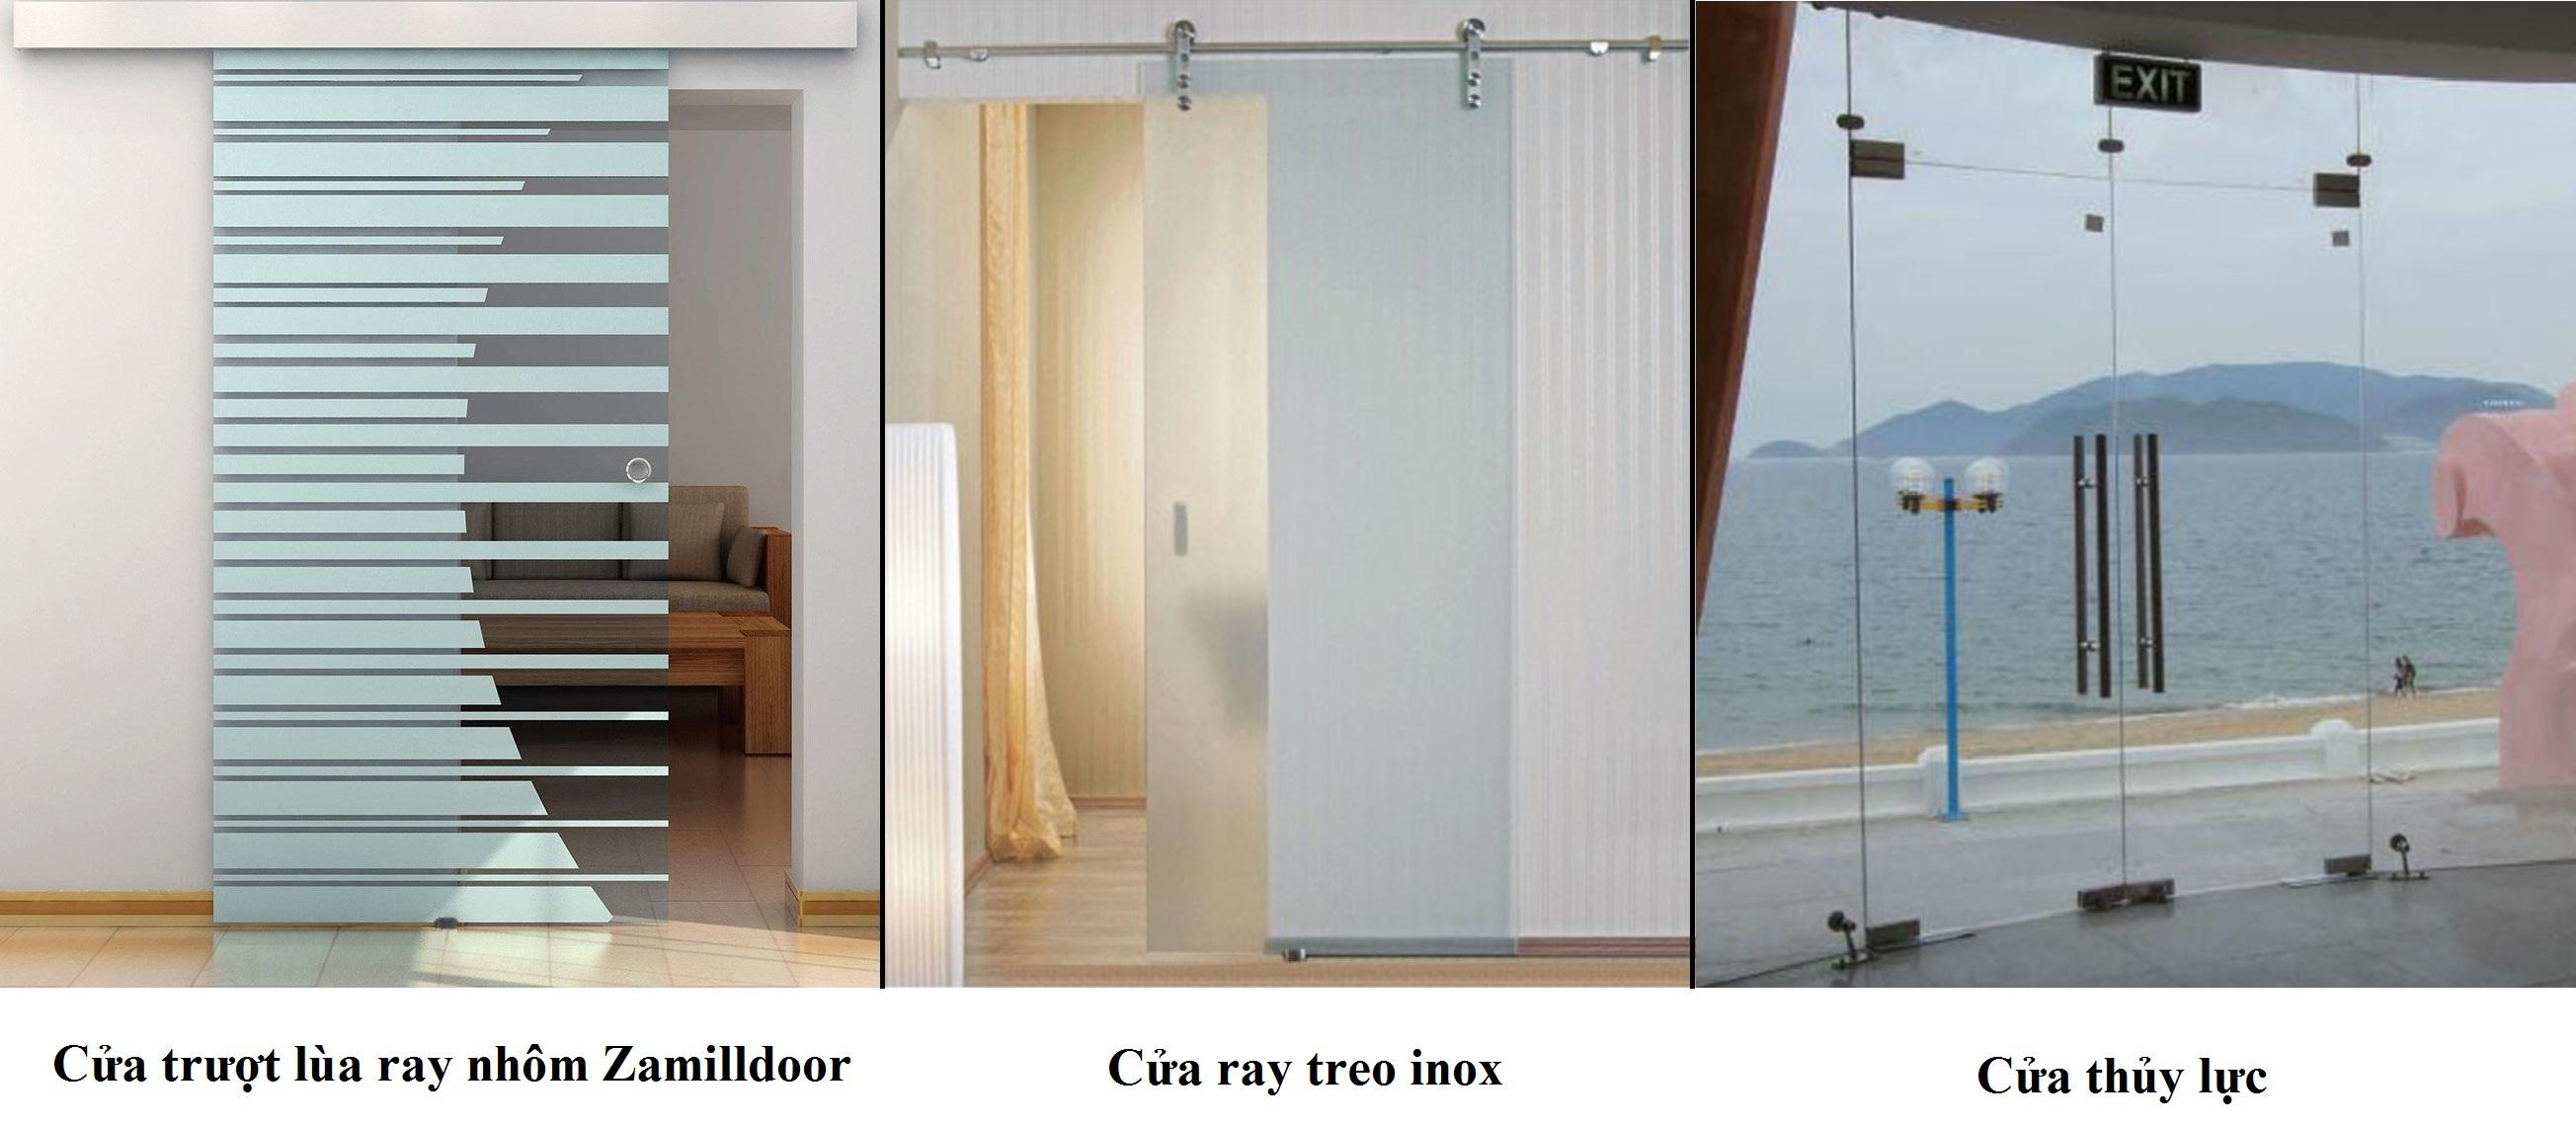 So sánh cửa trượt lùa và cửa thủy lực